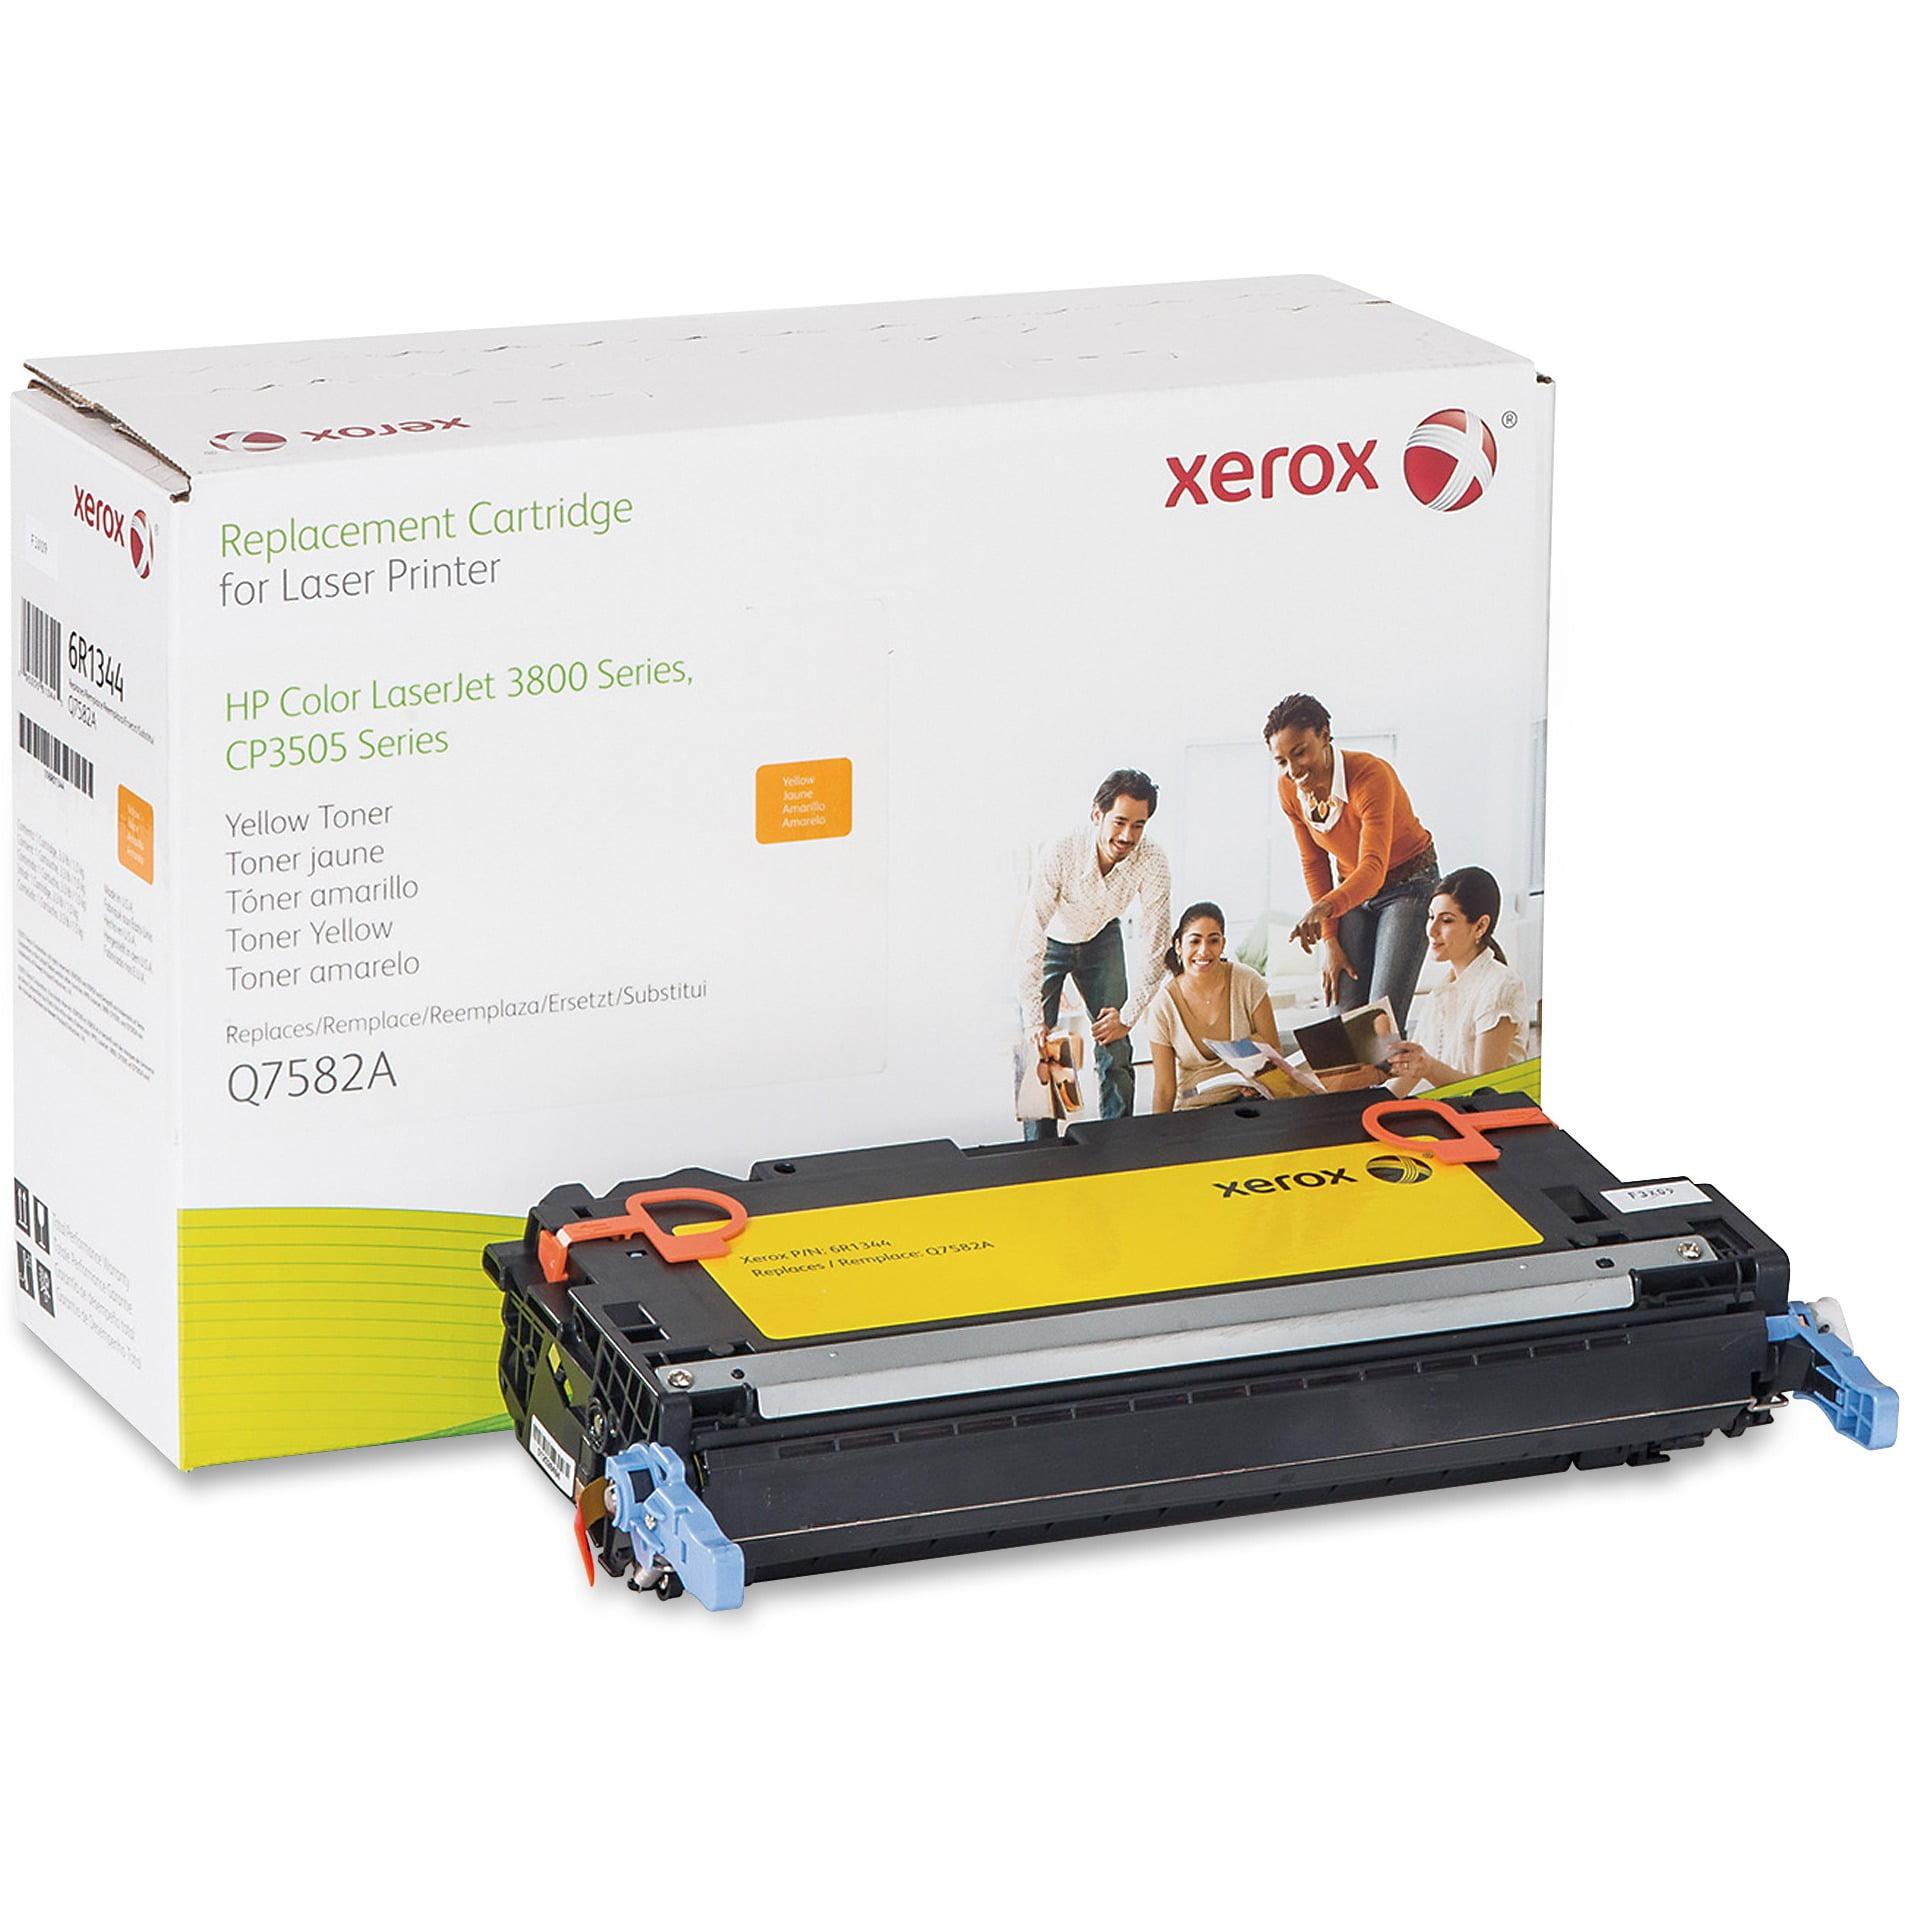 Xerox, XER6R1344, 6R1343/4/5 Remanufactured HP 503A Toner Cartridges, 1 Each